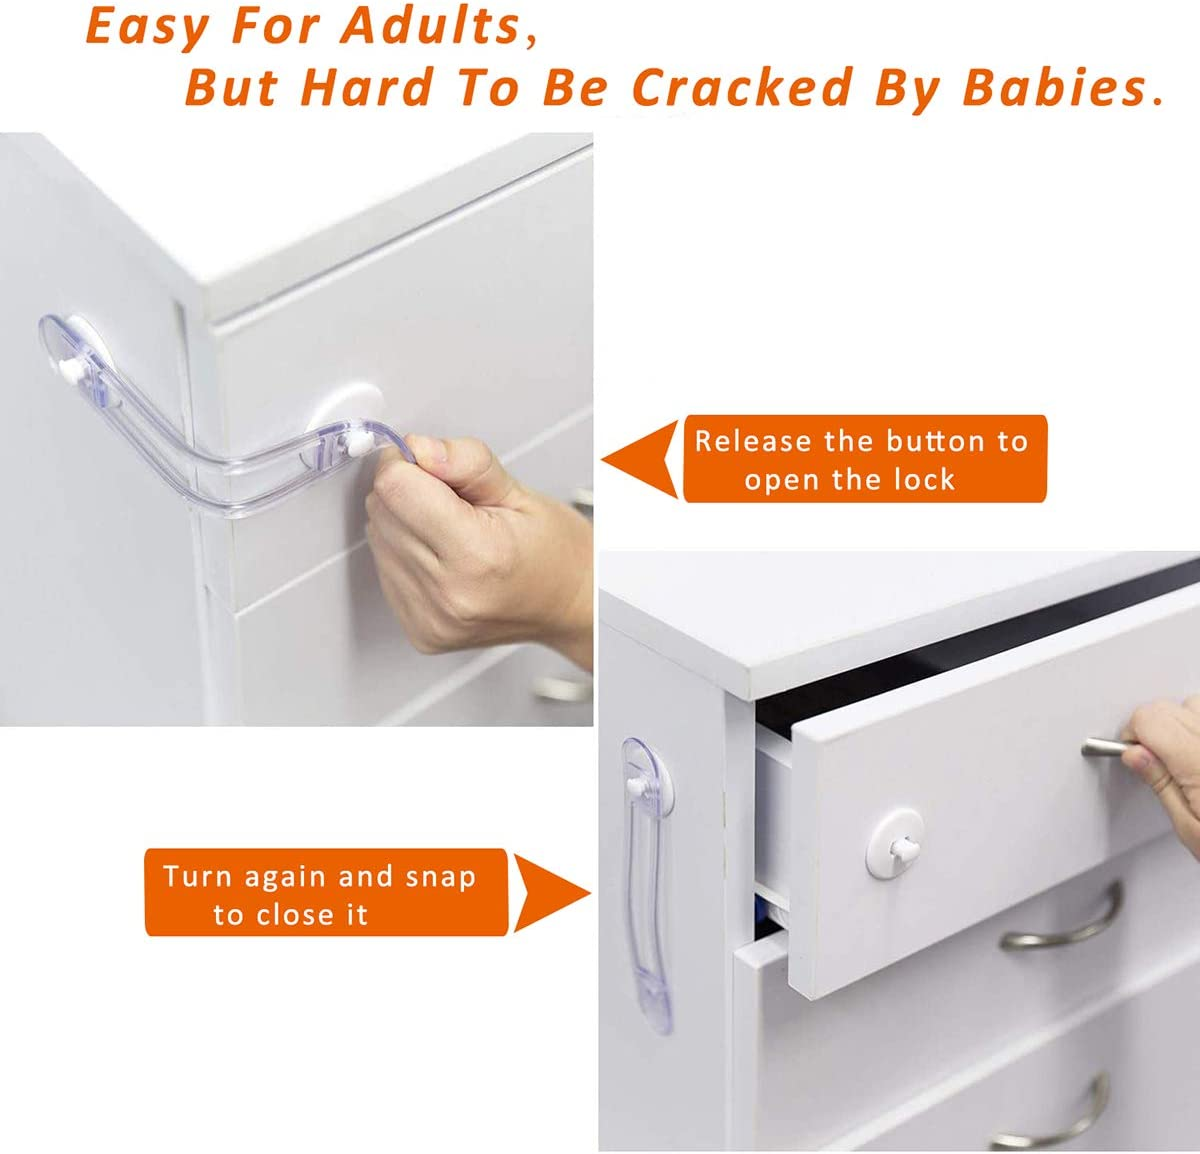 Cerraduras de Seguridad para Ni/ños,8 Piezas Transparente Bloqueo de Seguridad Adhesivo 3M Protector Cajones Bebe para Armarios Cocinas Puertas Ventanas Nevera